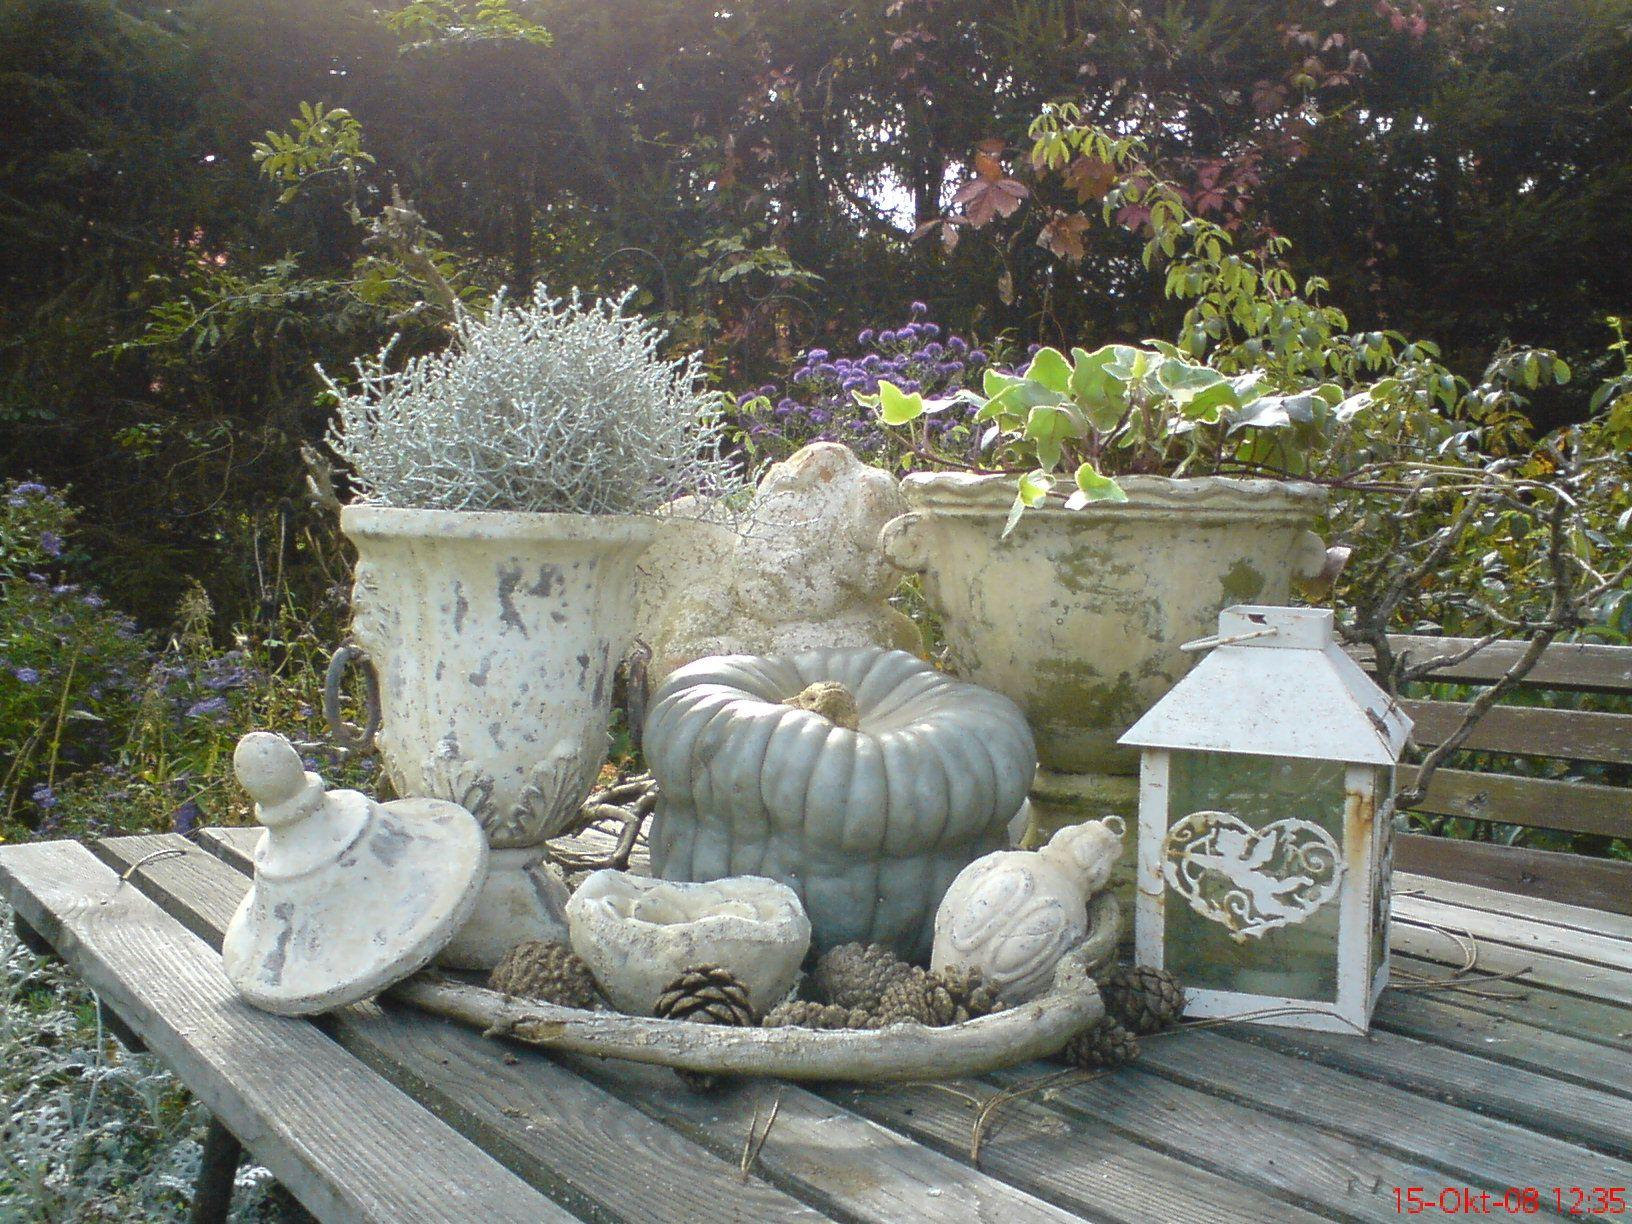 Gartentischdeko  Wohnen und Garten Foto  Grten